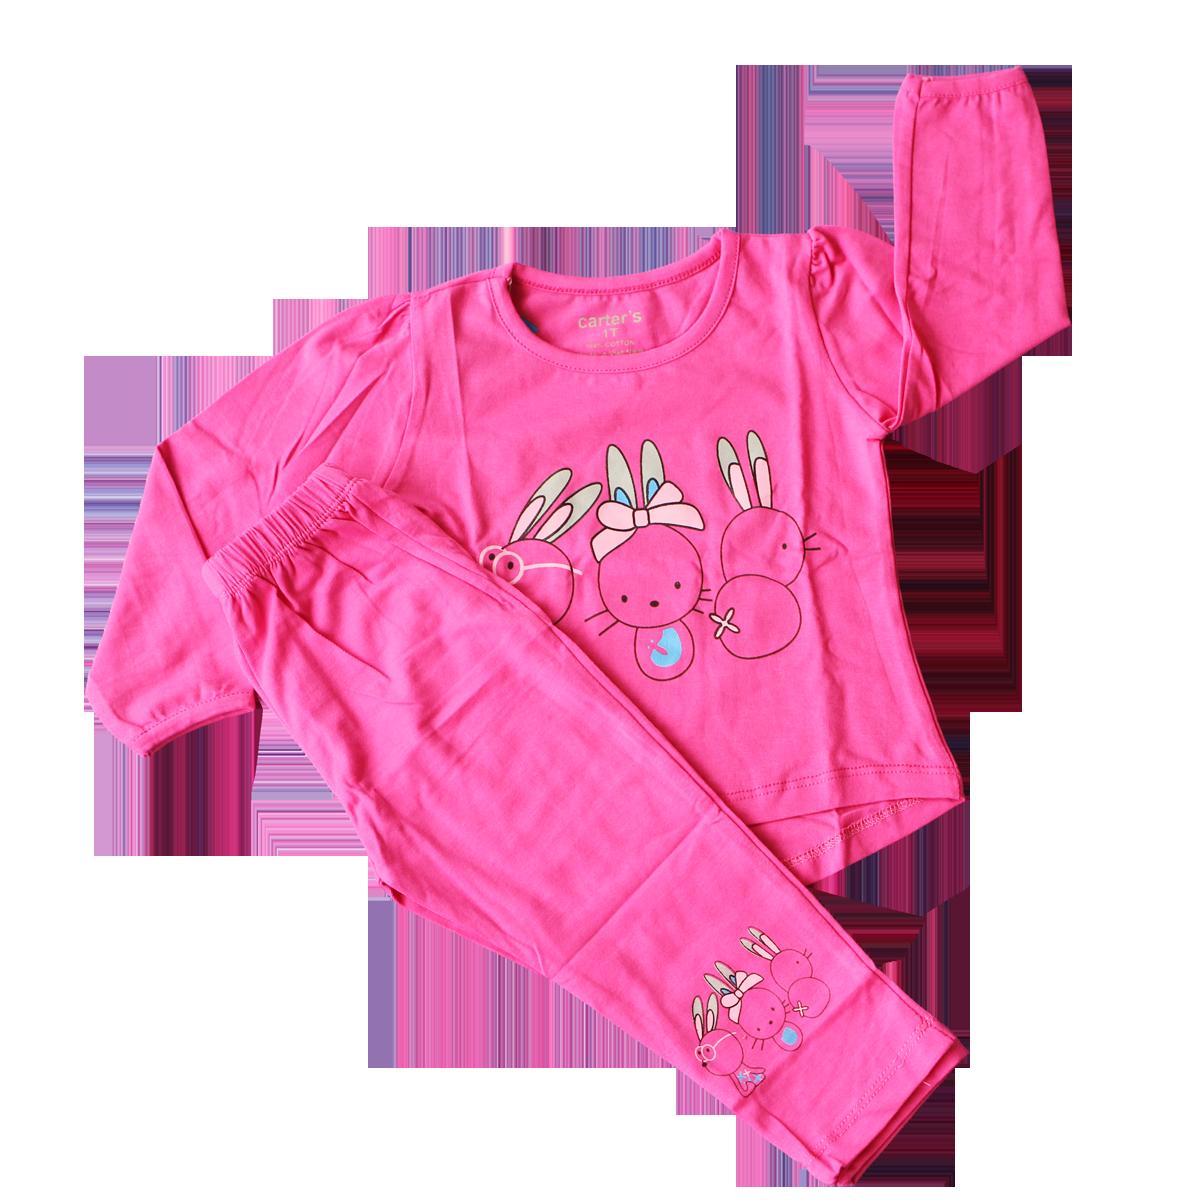 Bộ quần áo dài tay bé gái in hình thỏ (2-5T)